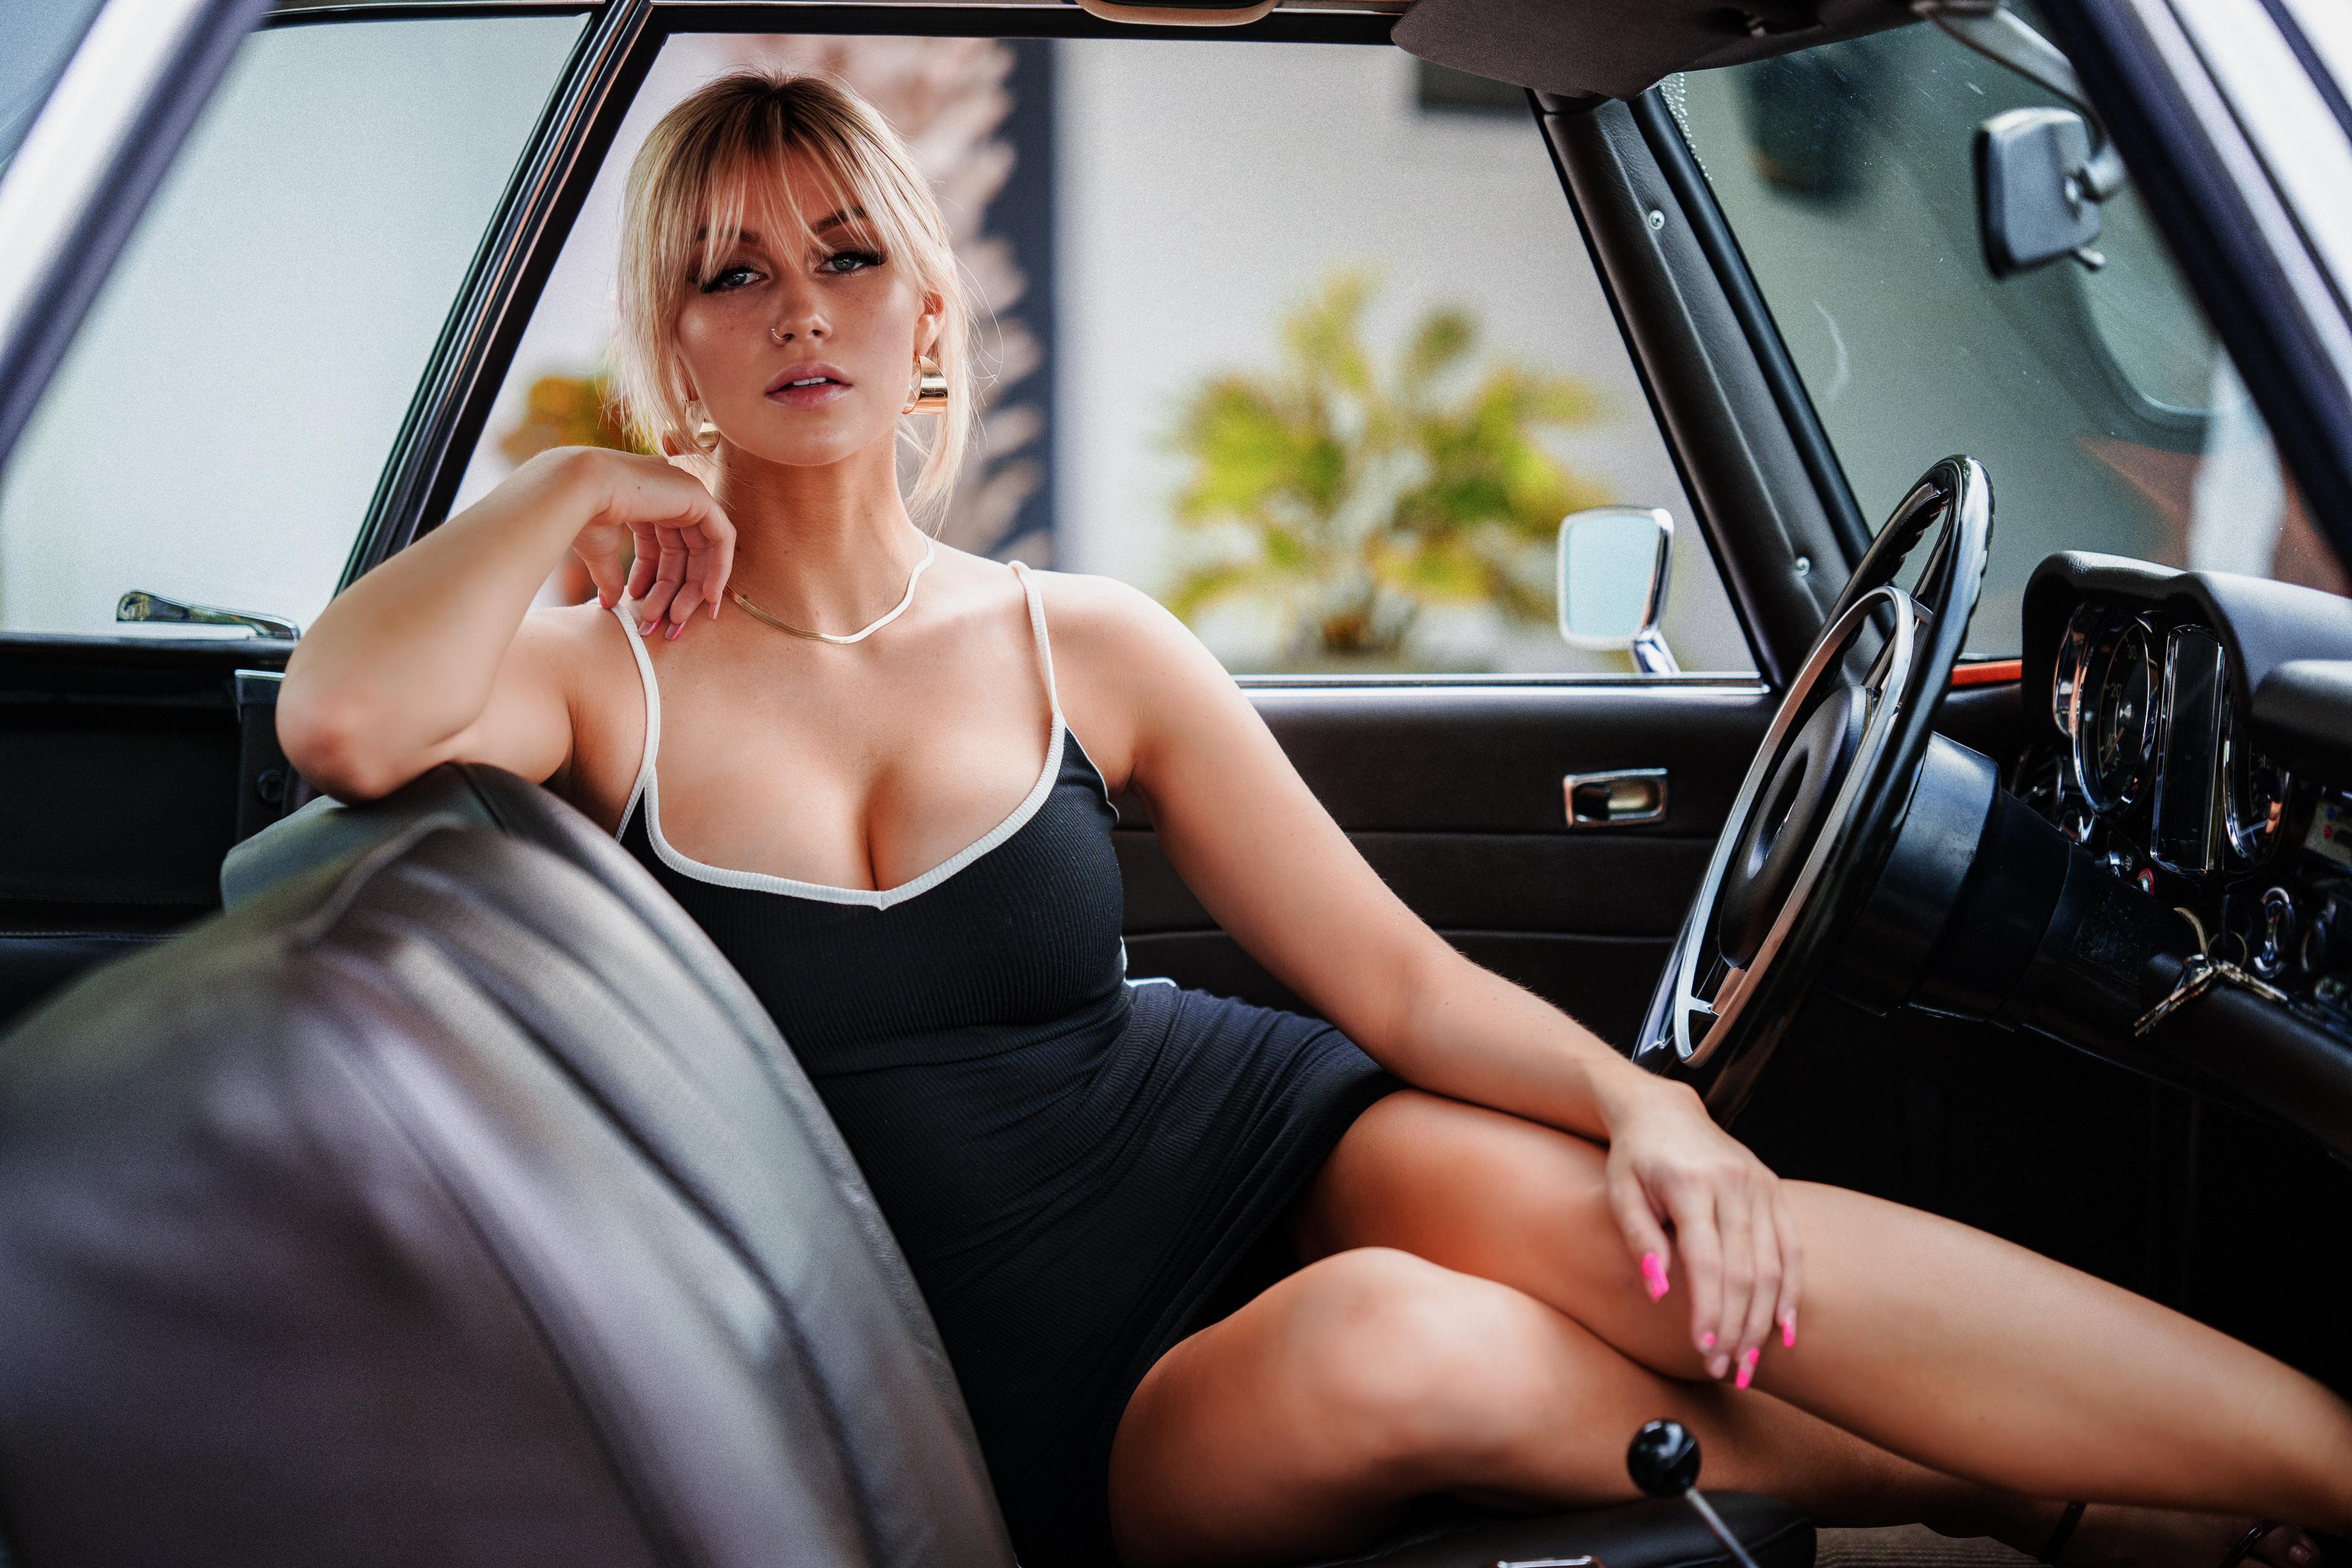 Sfondi del desktop Ragazza bionda Marina décolleté giovane donna Le gambe Auto sedute Colpo d'occhio Abito 3840x2560 Scollatura ragazza Ragazze giovani donne seduta Seduto macchina macchine automobile autovettura Sguardo Vestito